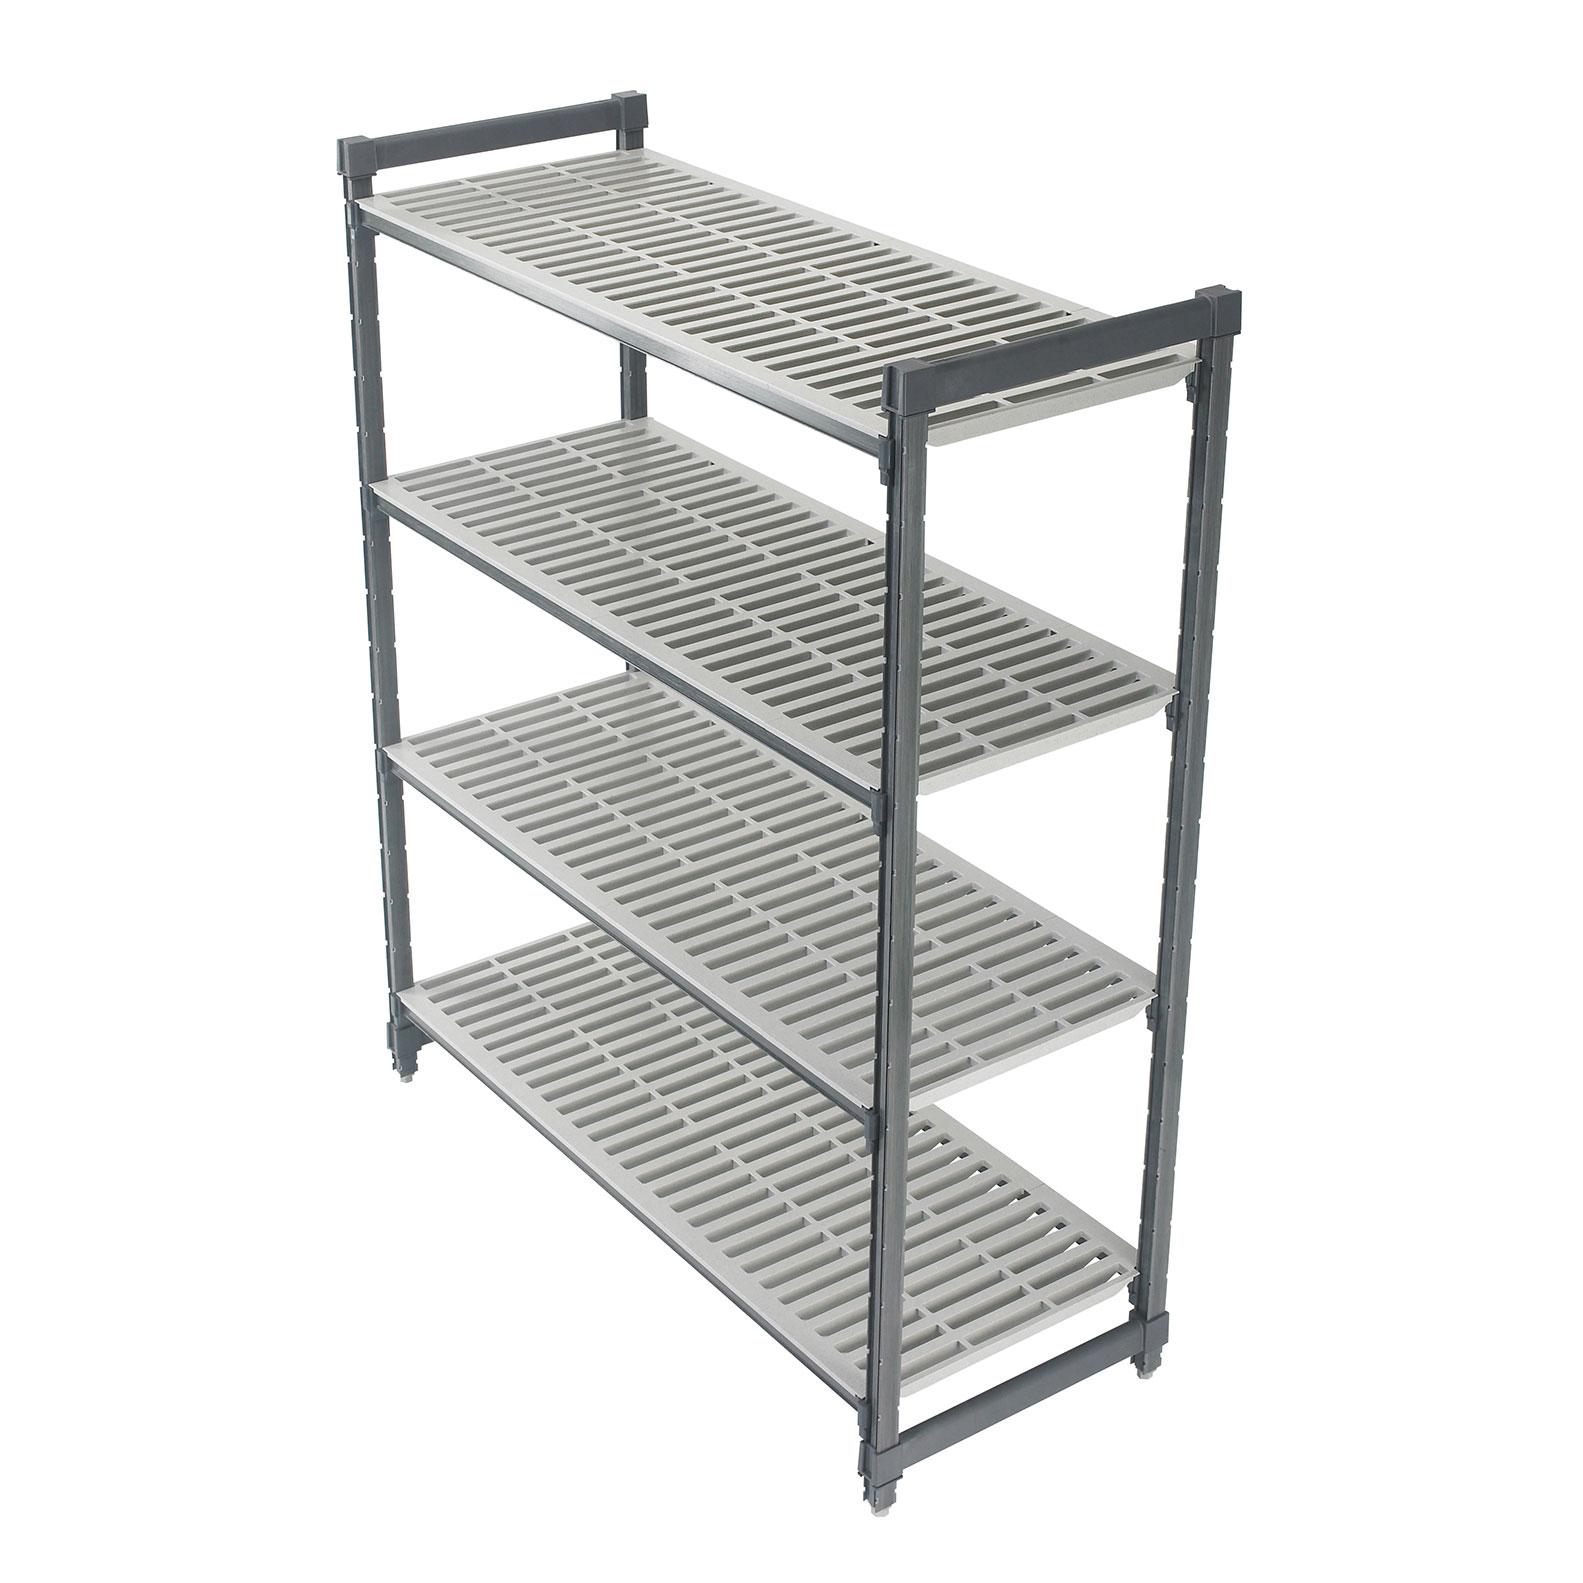 ESU216084580 Cambro shelving unit, all plastic